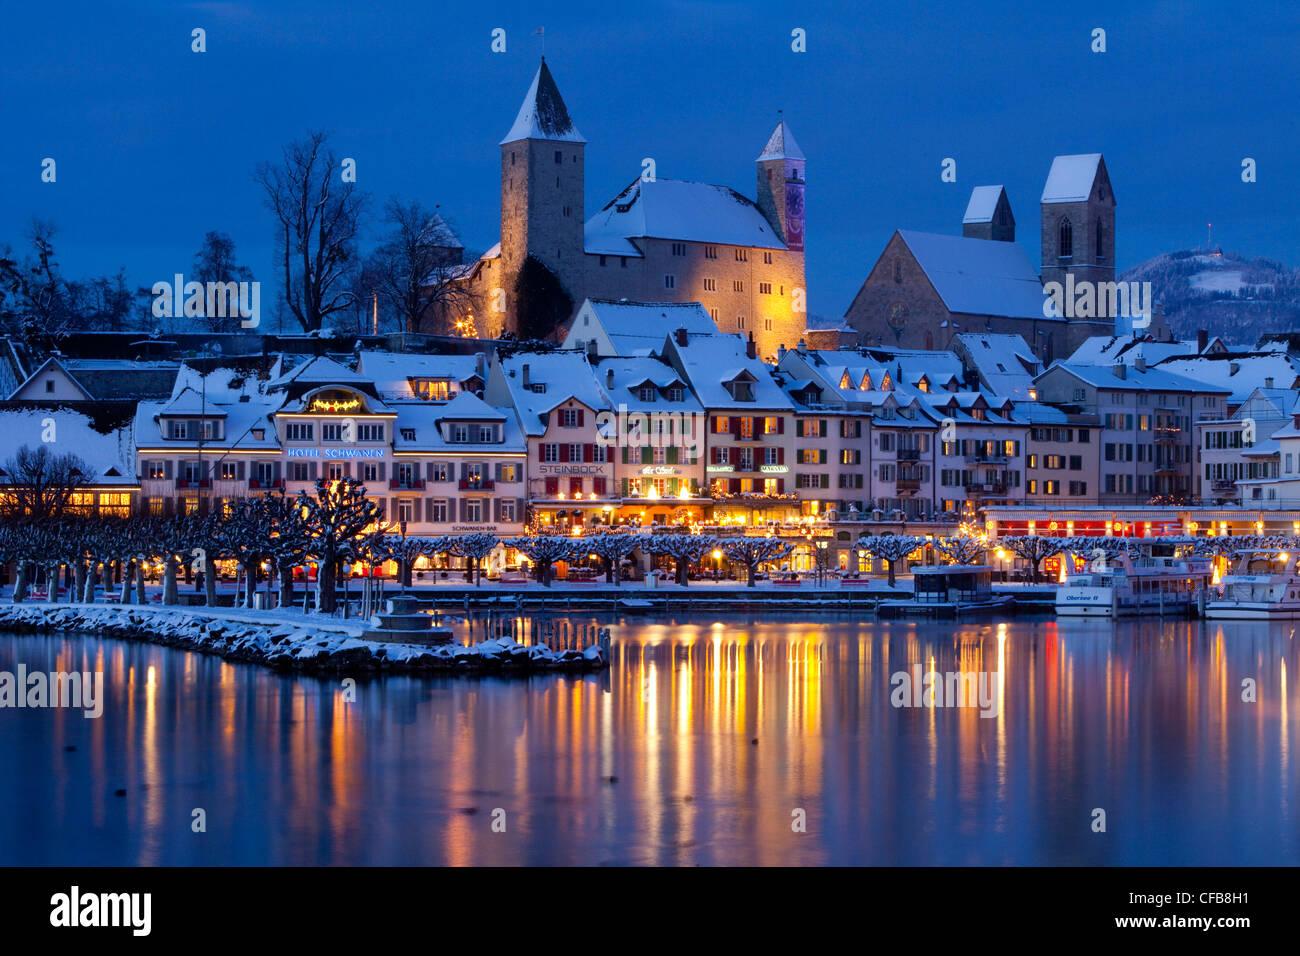 Nacht, dunkel, See, Weihnachten, Advent, Kanton St. Gallen, St ...